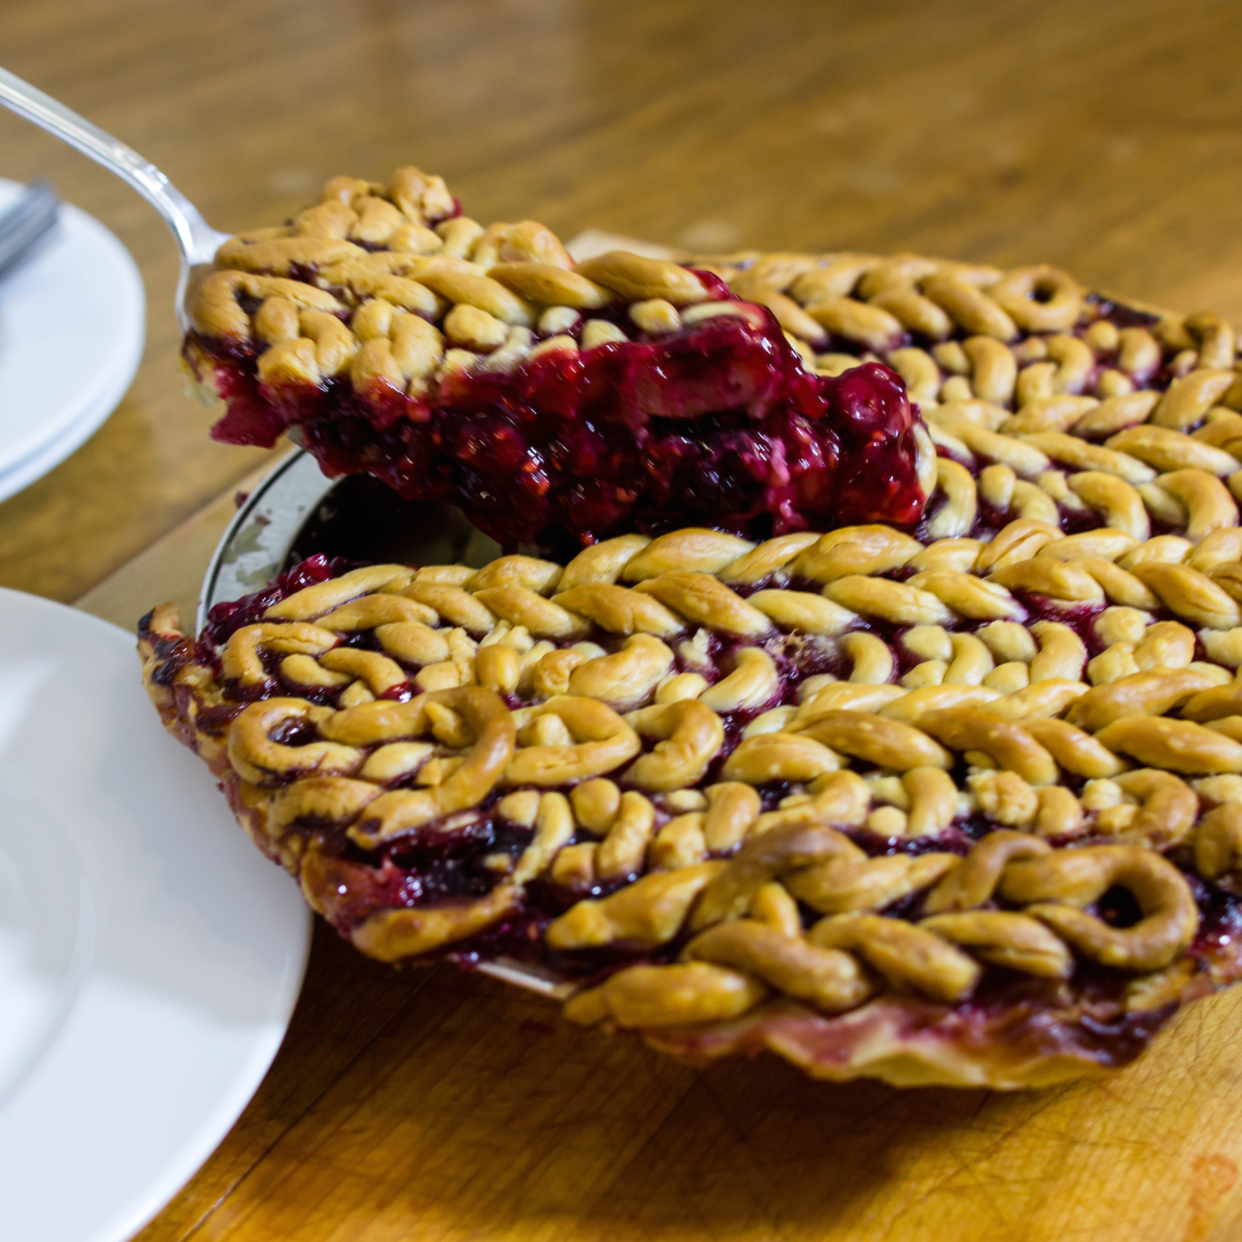 Knit pies by Lorna and Jill Watt